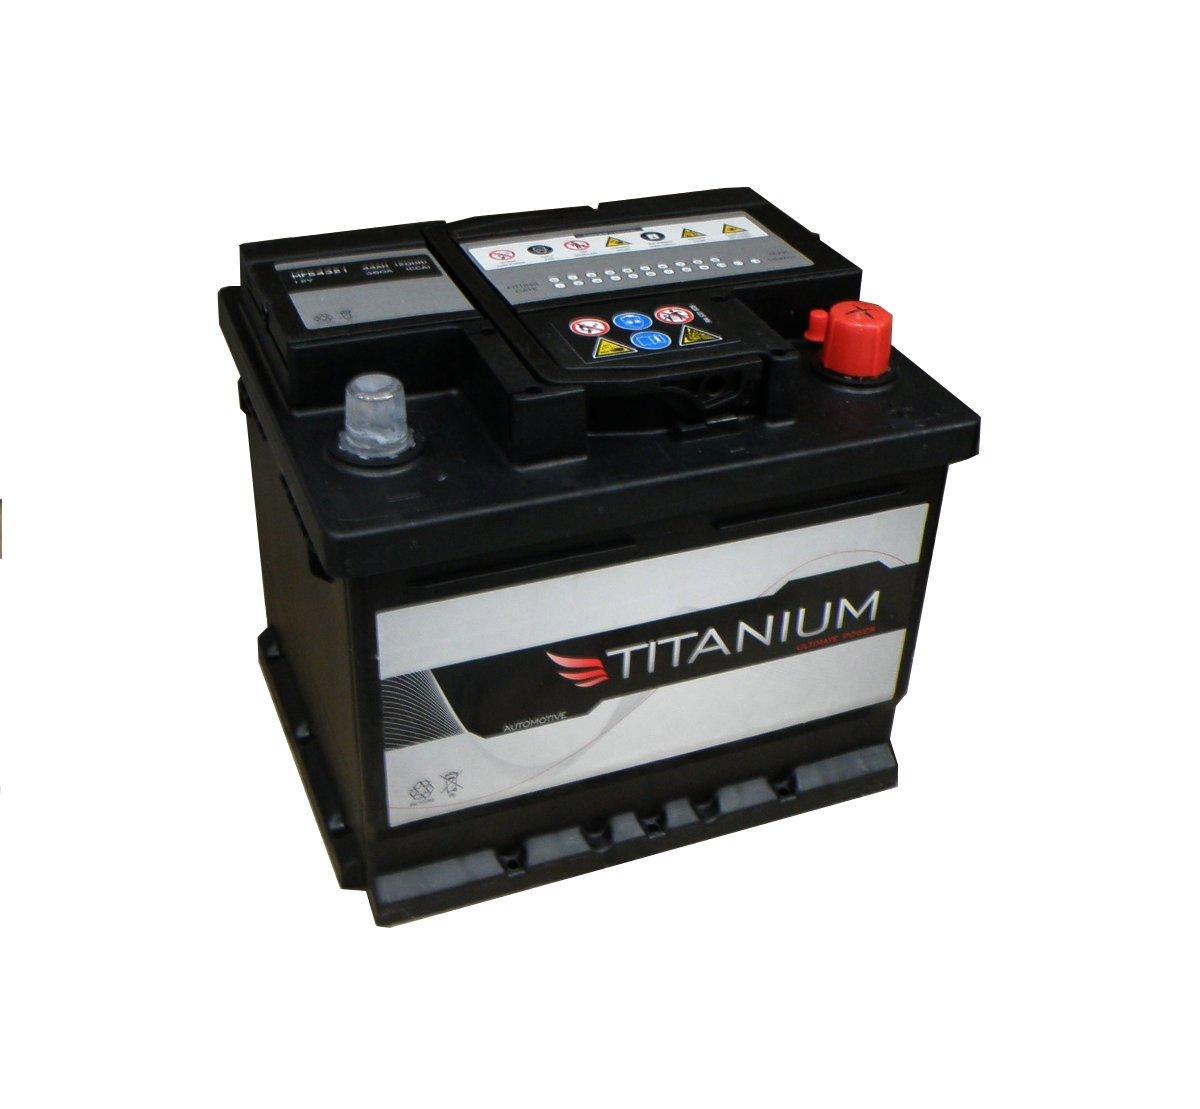 096 Titanium Sealed Car Battery 12V 72Ah - 4 Year Warranty